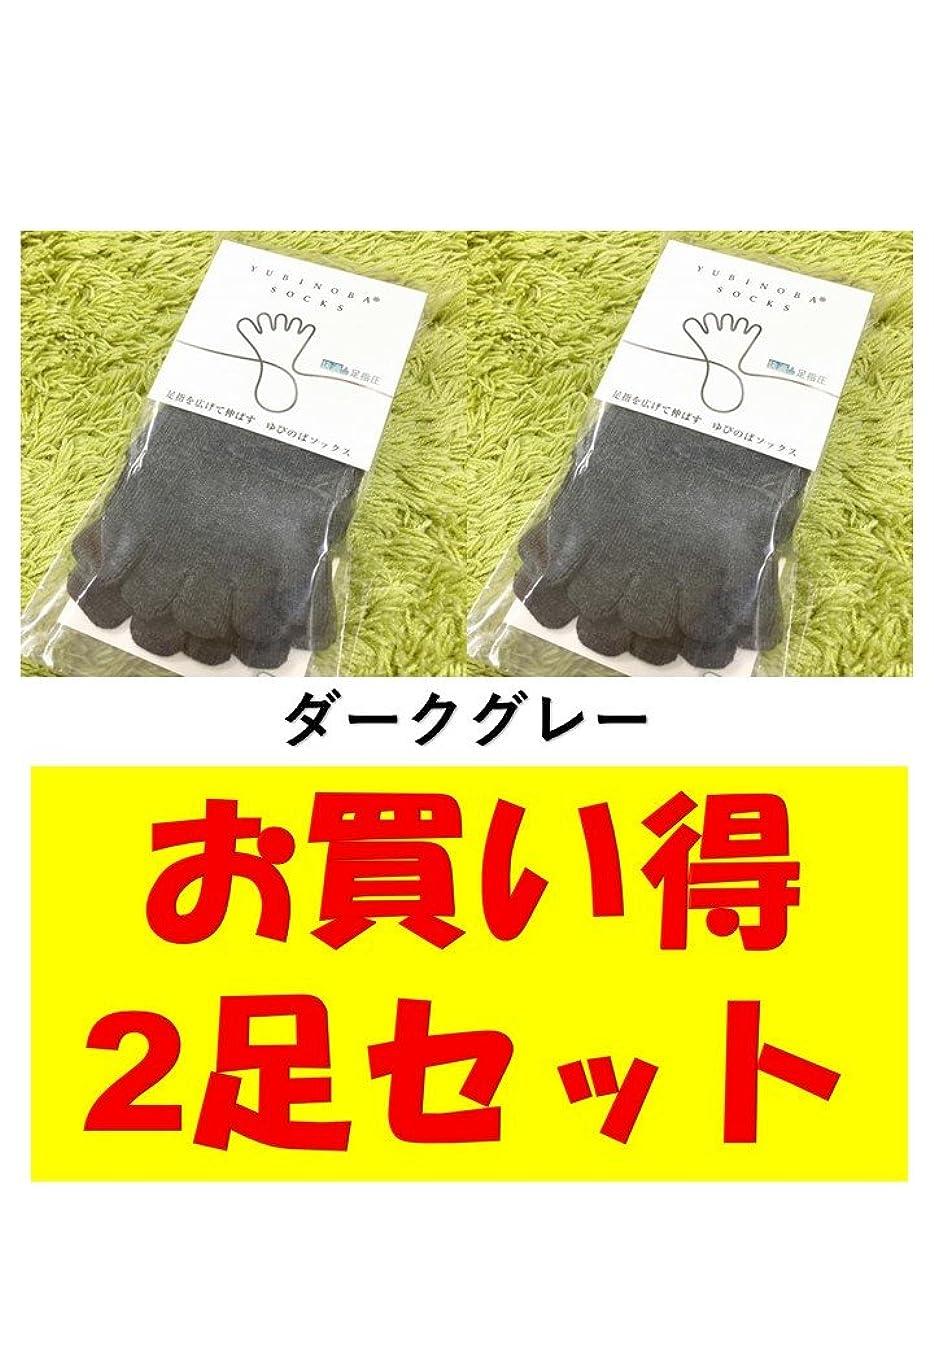 線形居間責任お買い得2足セット 5本指 ゆびのばソックス ゆびのばレギュラー ダークグレー 女性用 22.0cm-25.5cm HSREGR-DGL